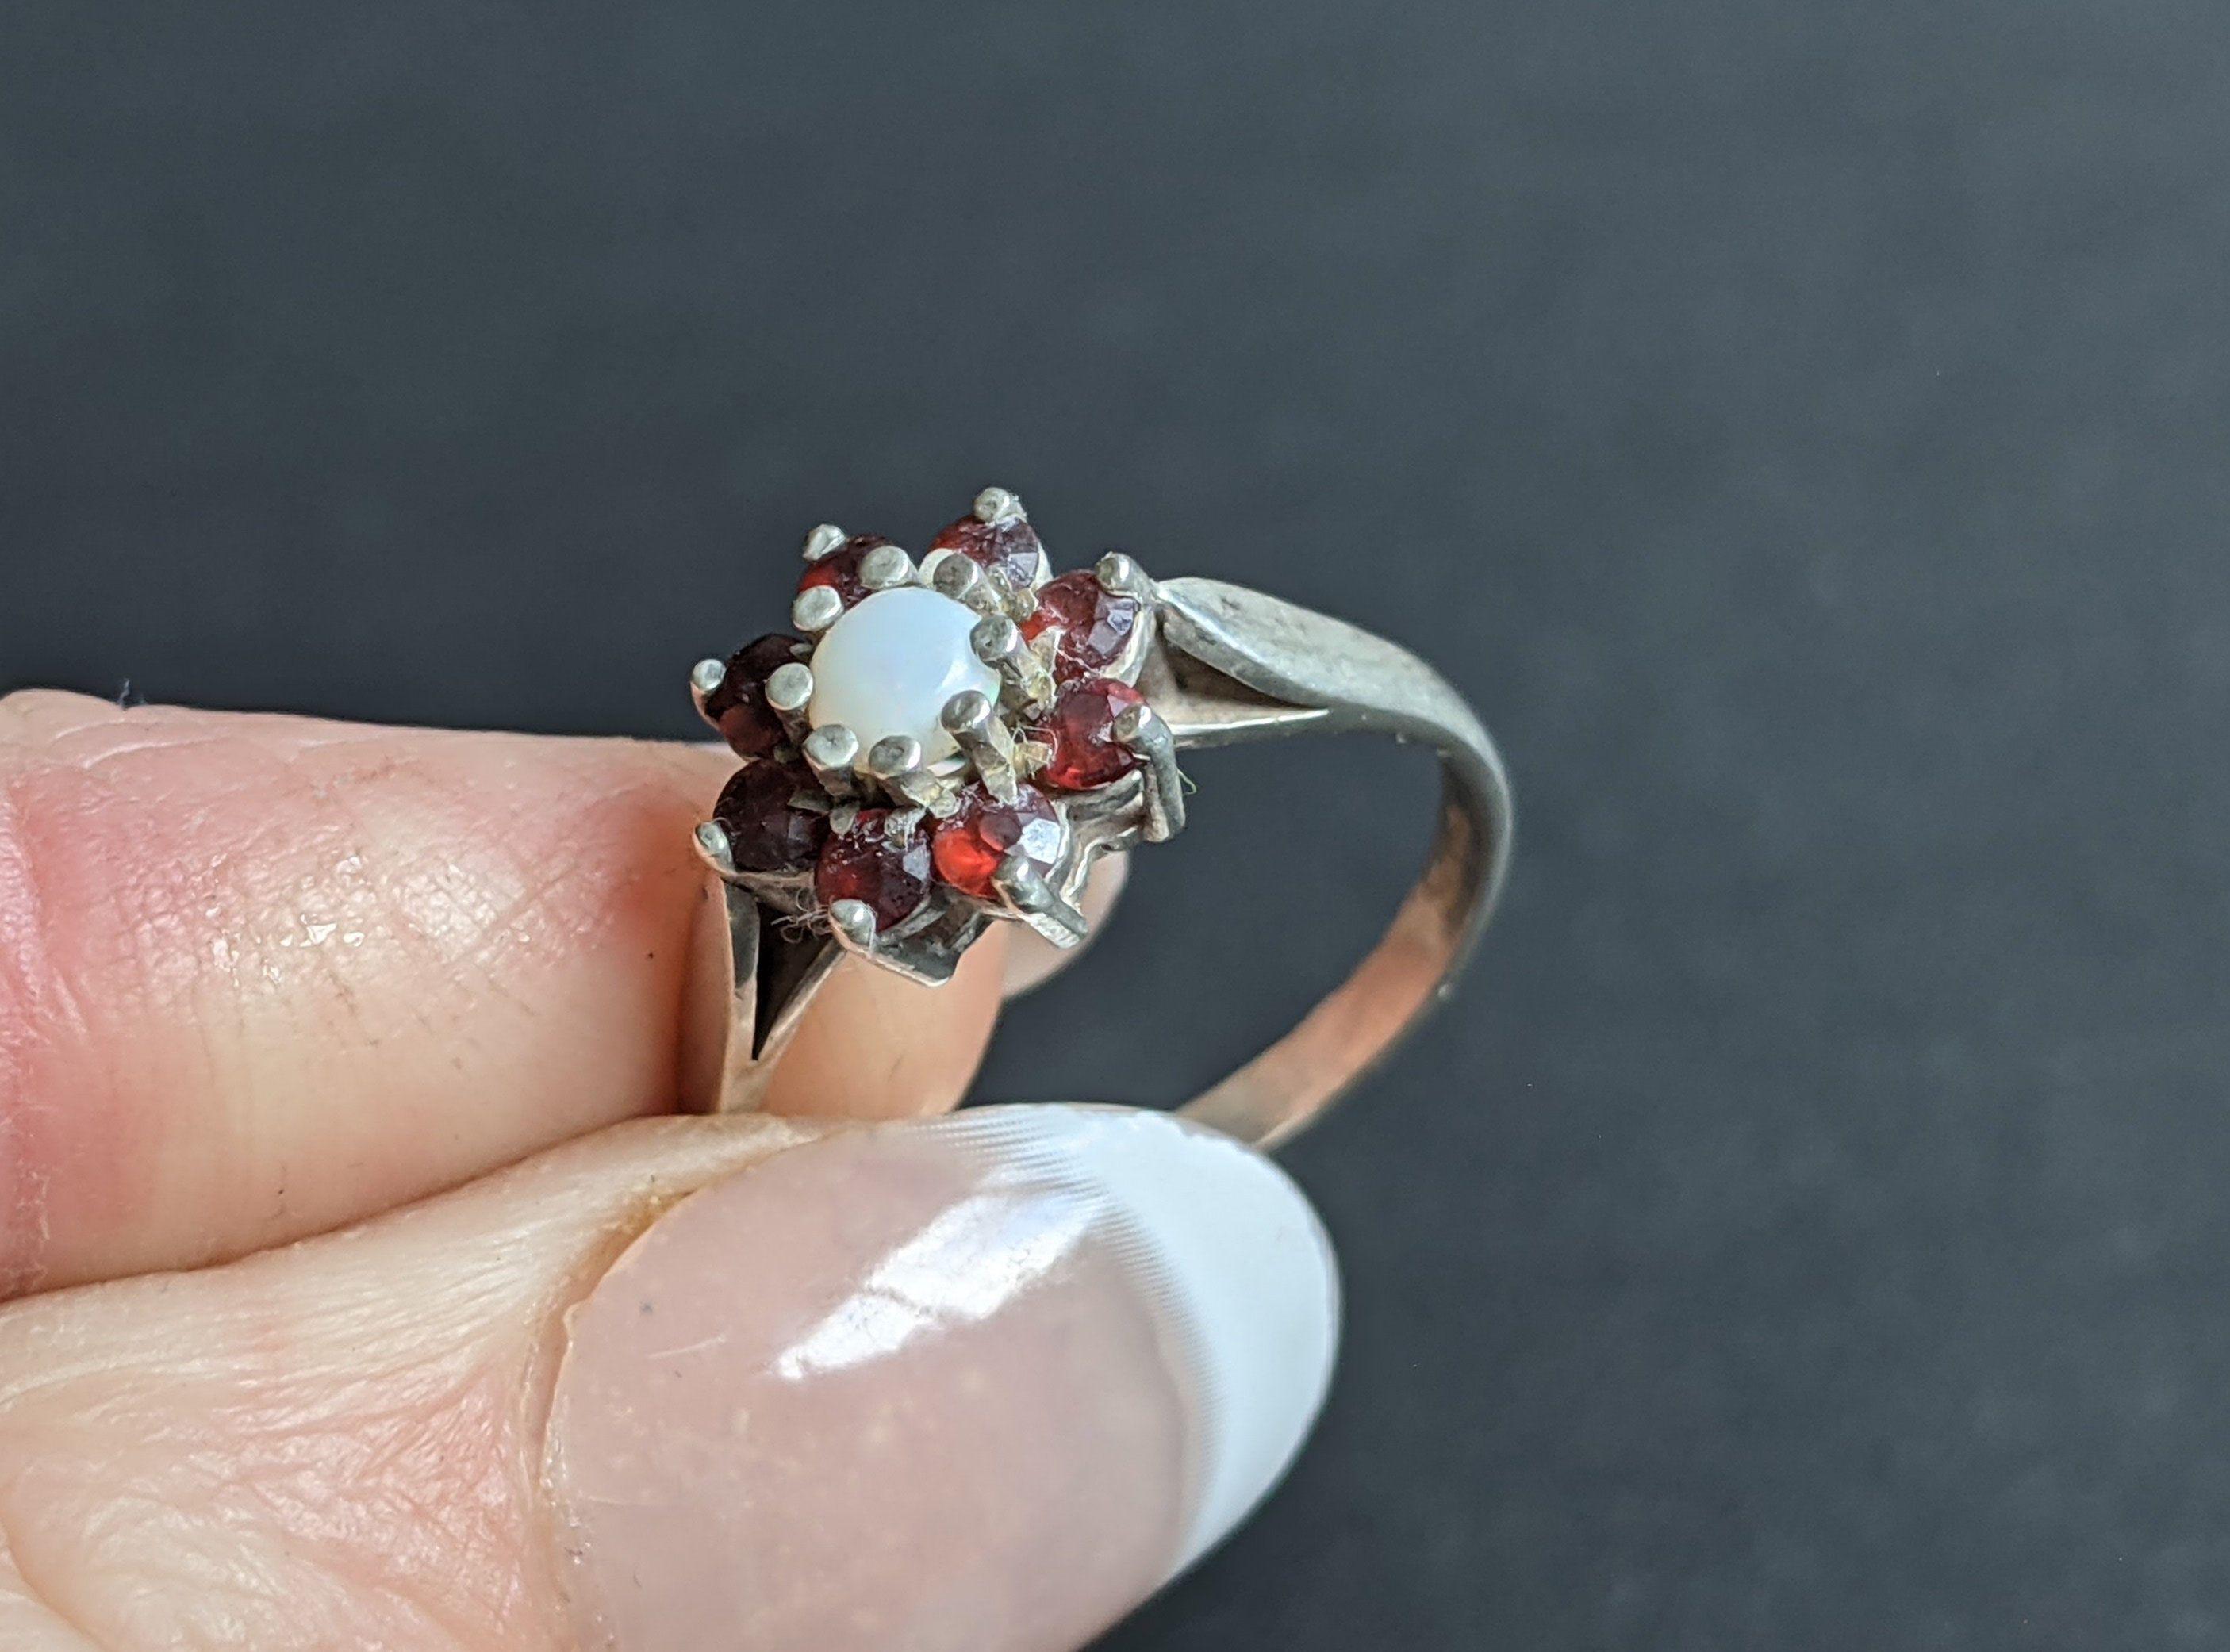 Vintage Sterling Silver Garnet /& Opal Cluster Ring Retro UK Size T US Size 9 58